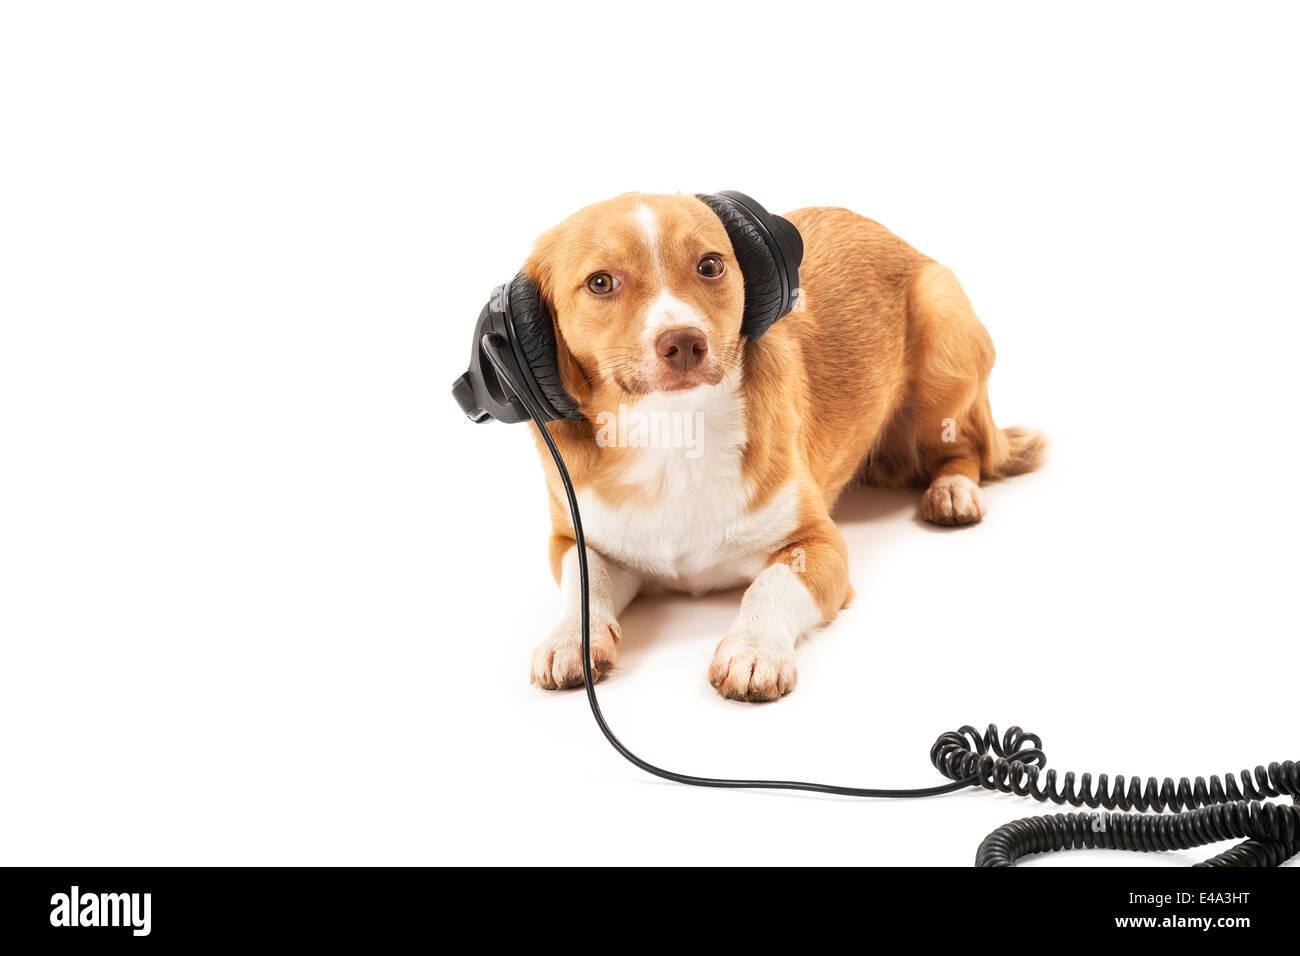 Portrait of dog listening music on headphone isolated on white background - Stock Image